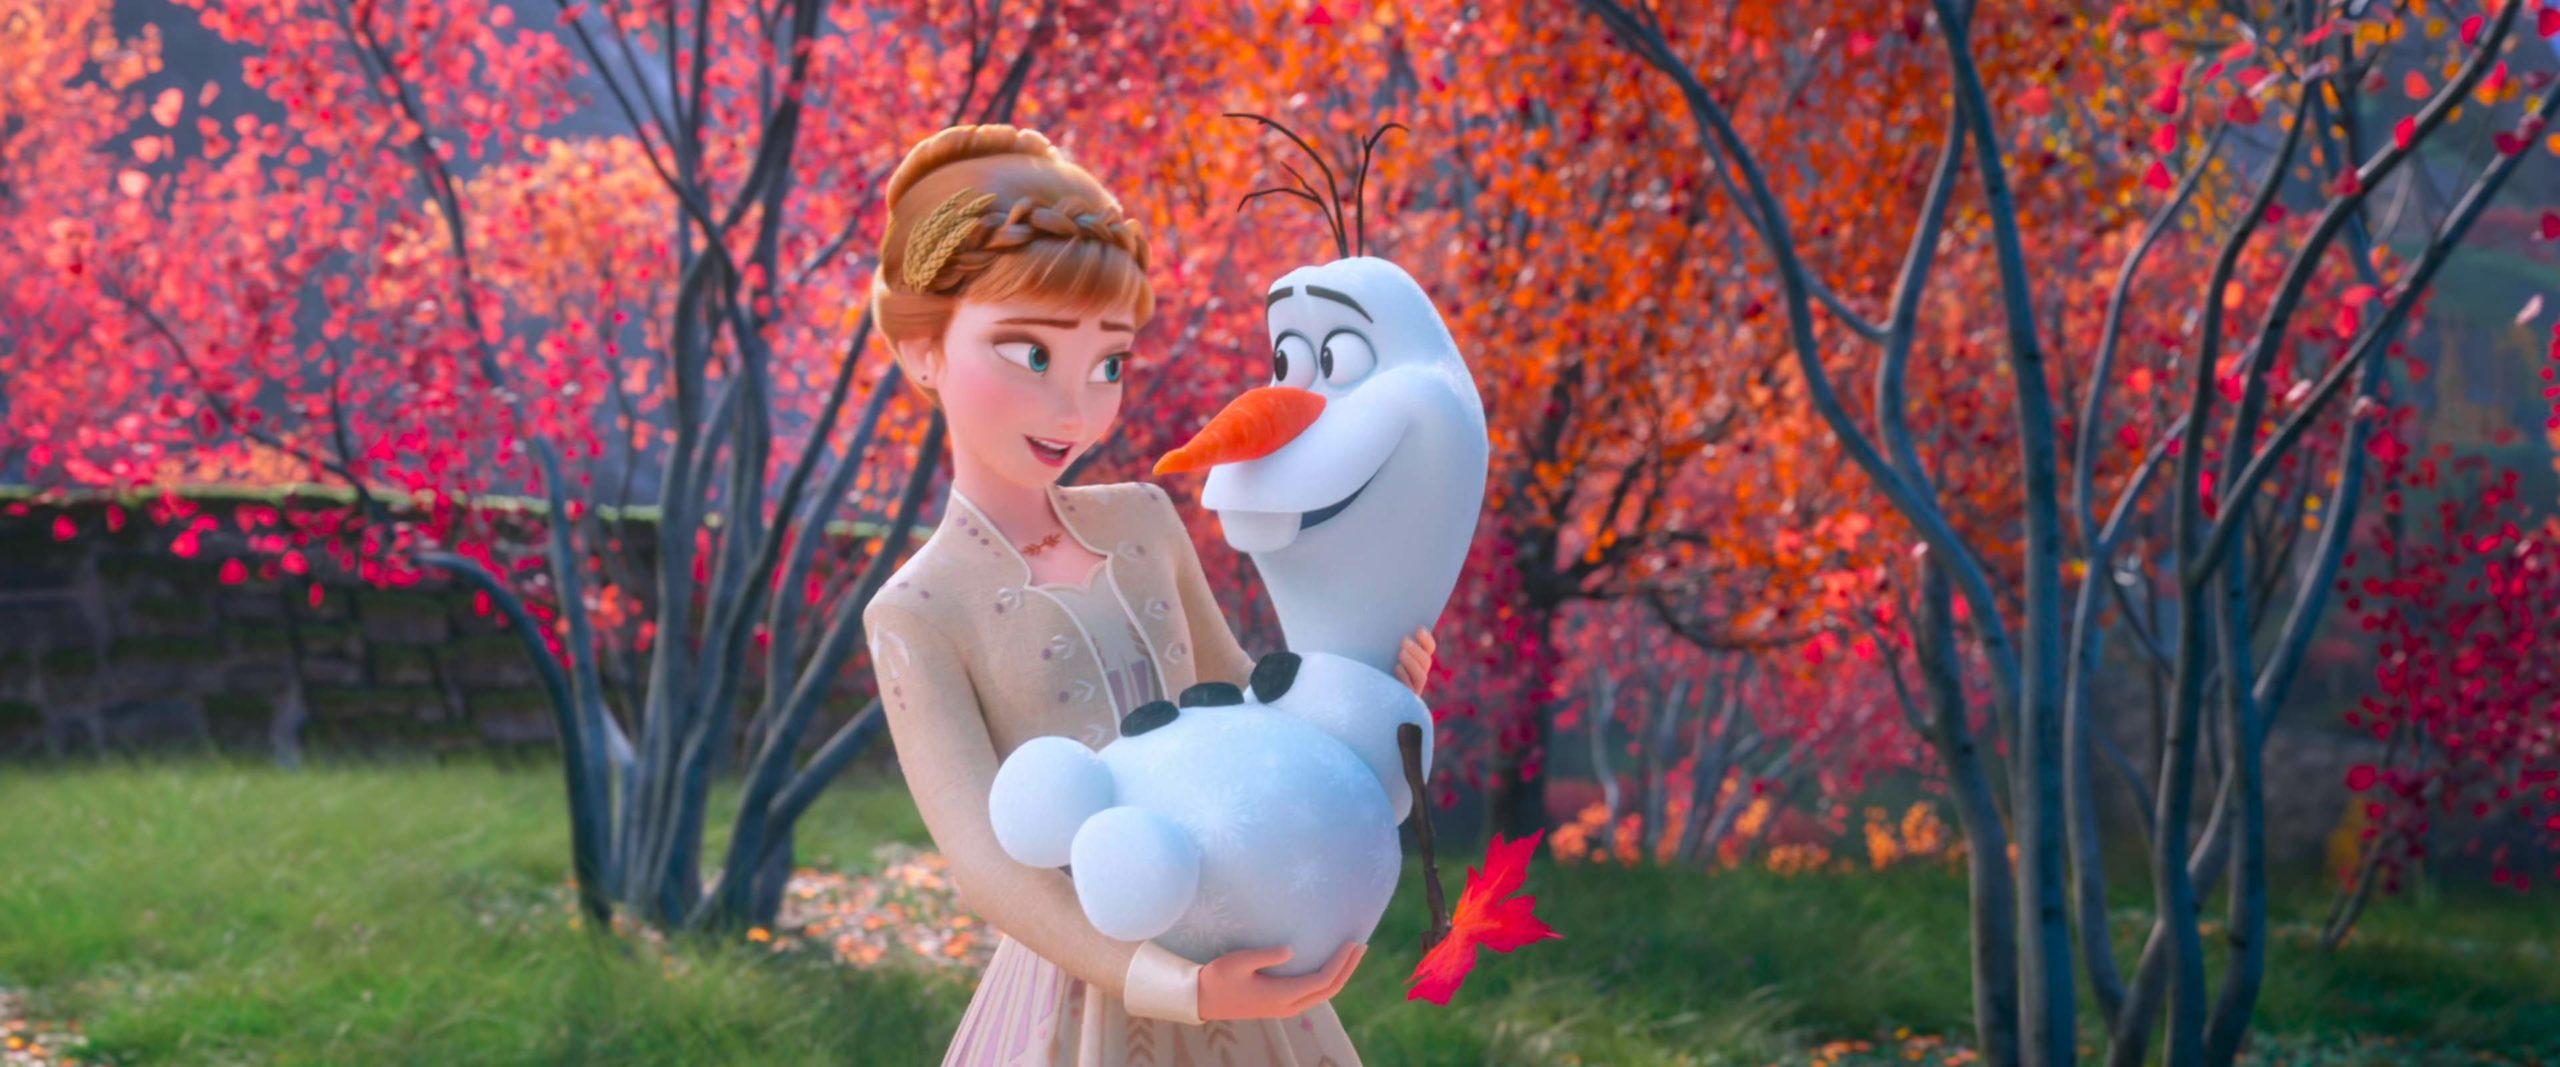 Ana e Olaf